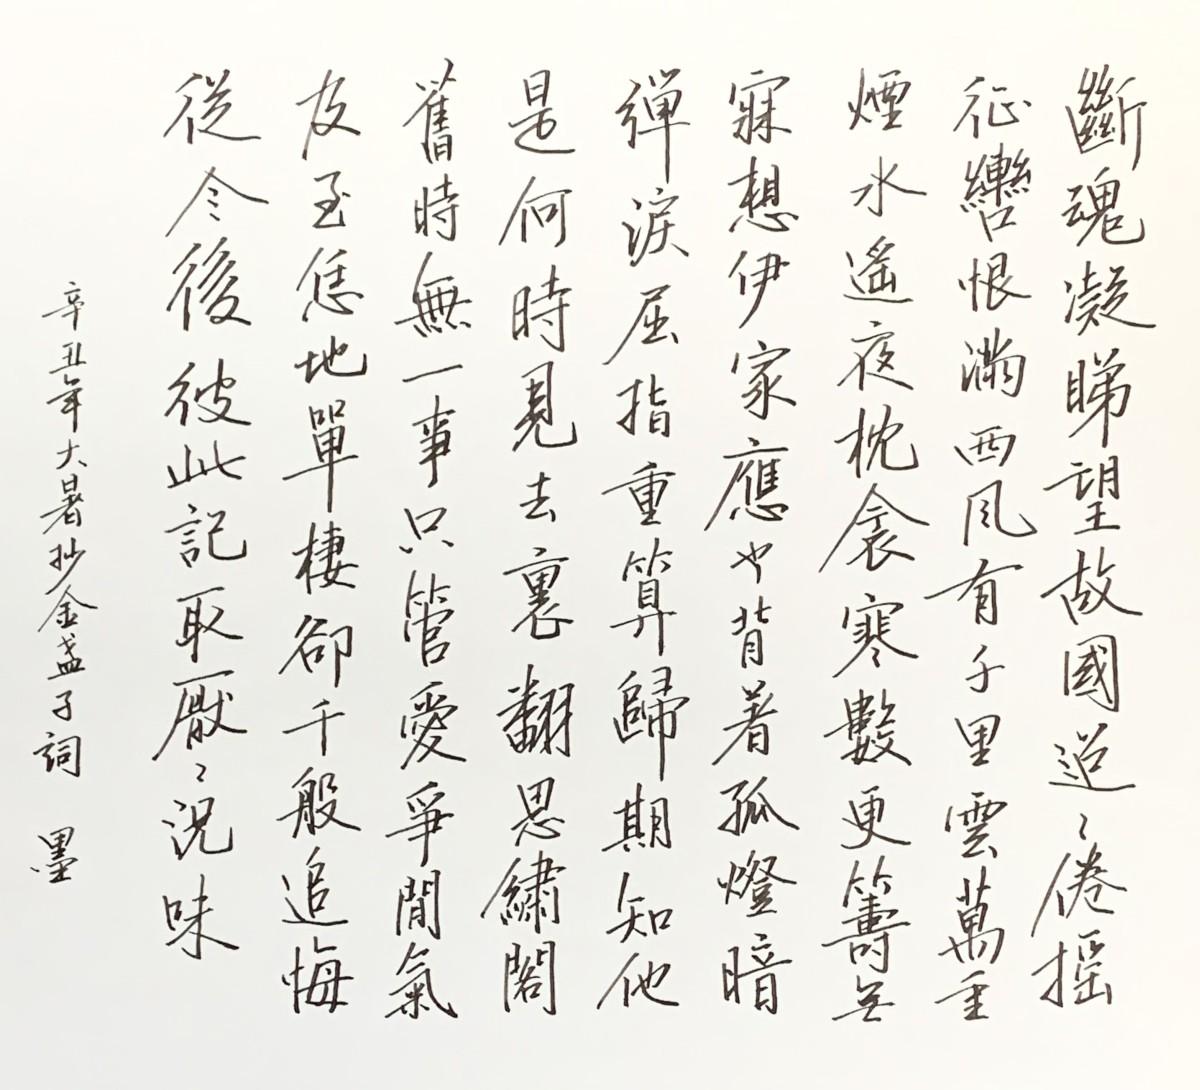 钢笔书法练字打卡20210727-13